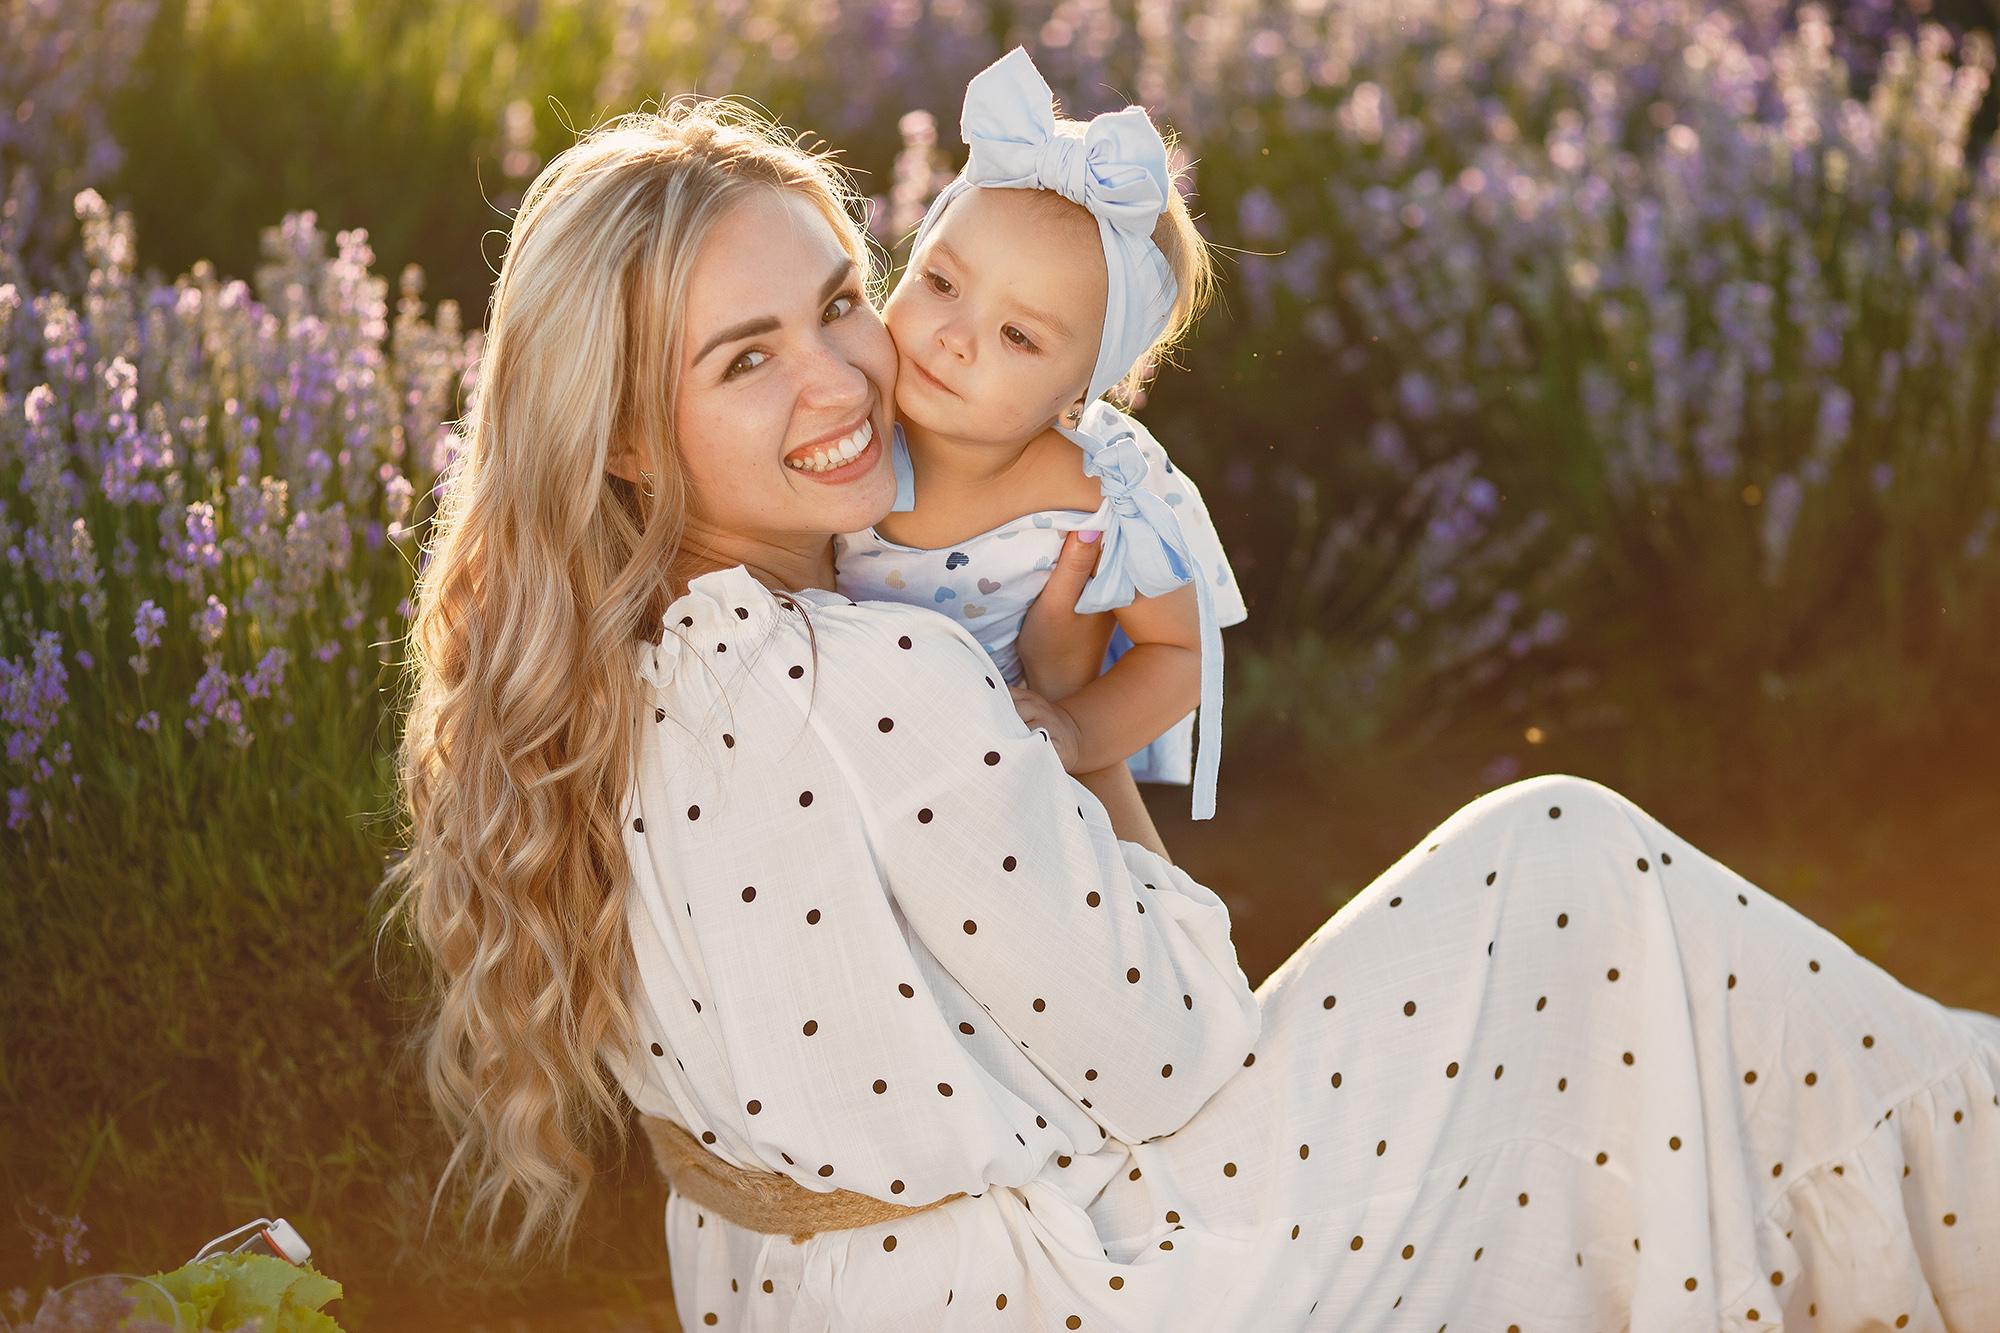 Co warto mieć w domu przy niemowlaku? TOP 5 gadżetów